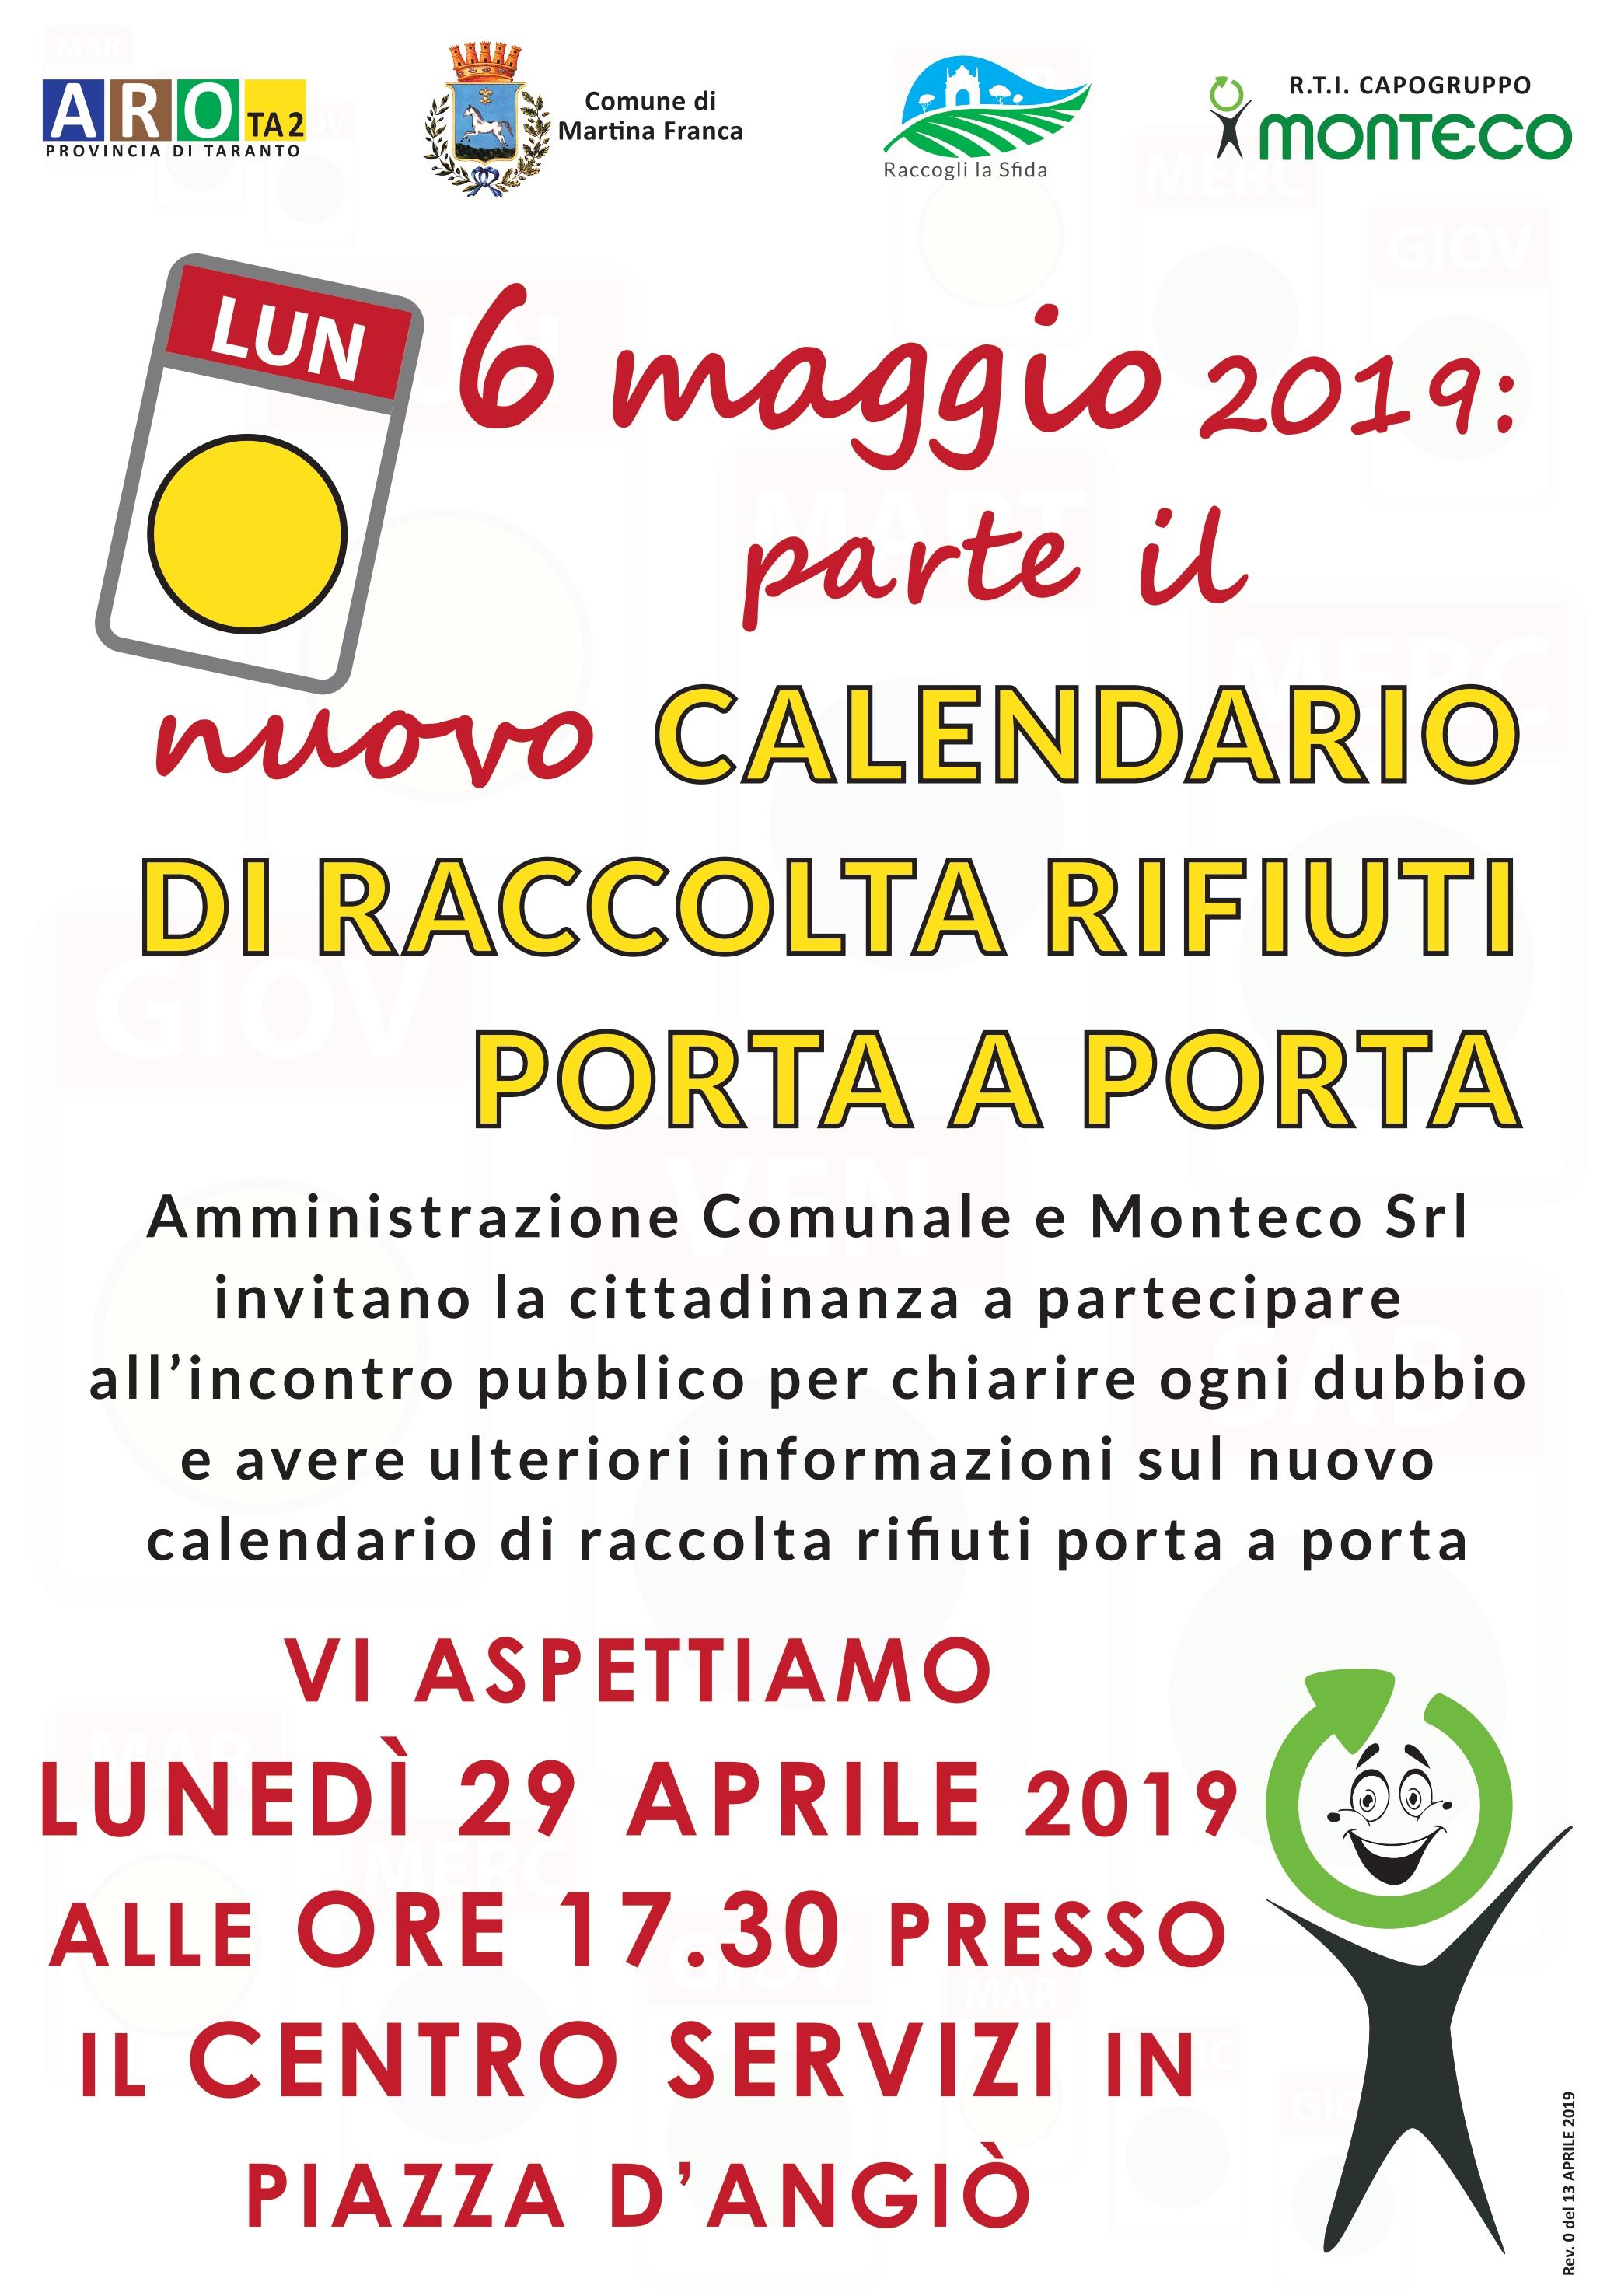 Martina Franca: incontro pubblico informativo in vista dei nuovi calendari di raccolta